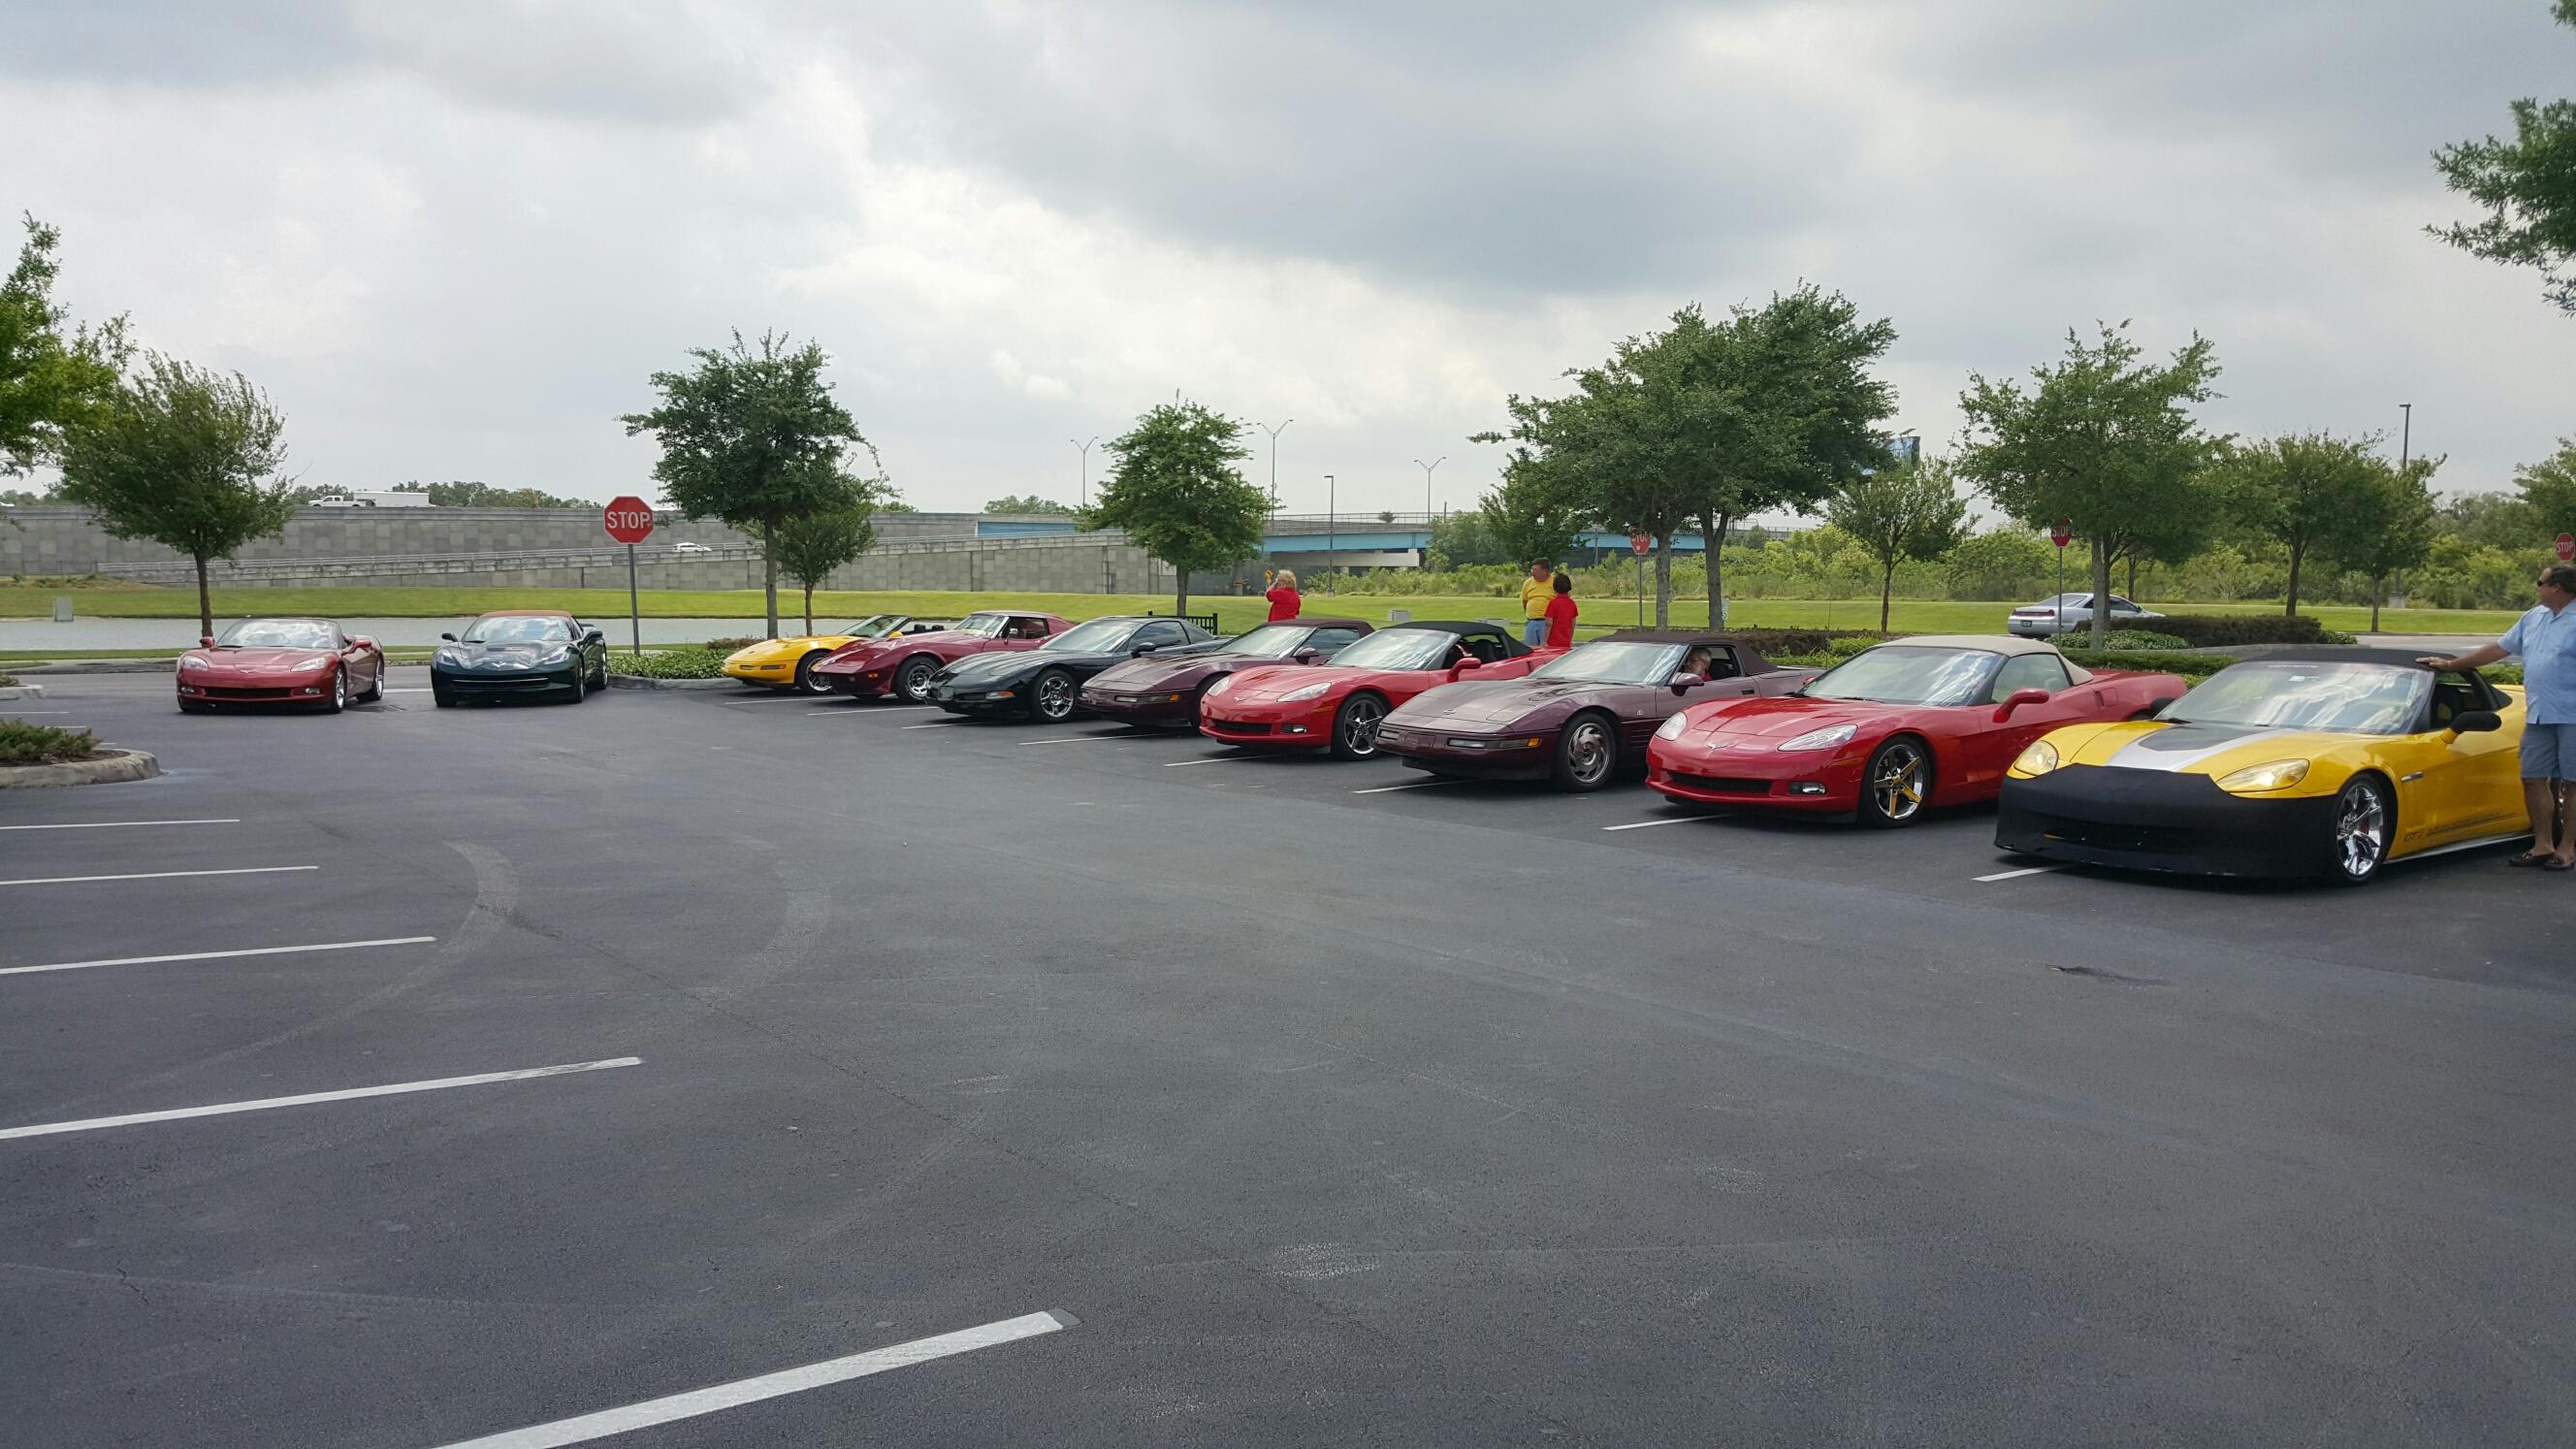 17-The cars.jpg